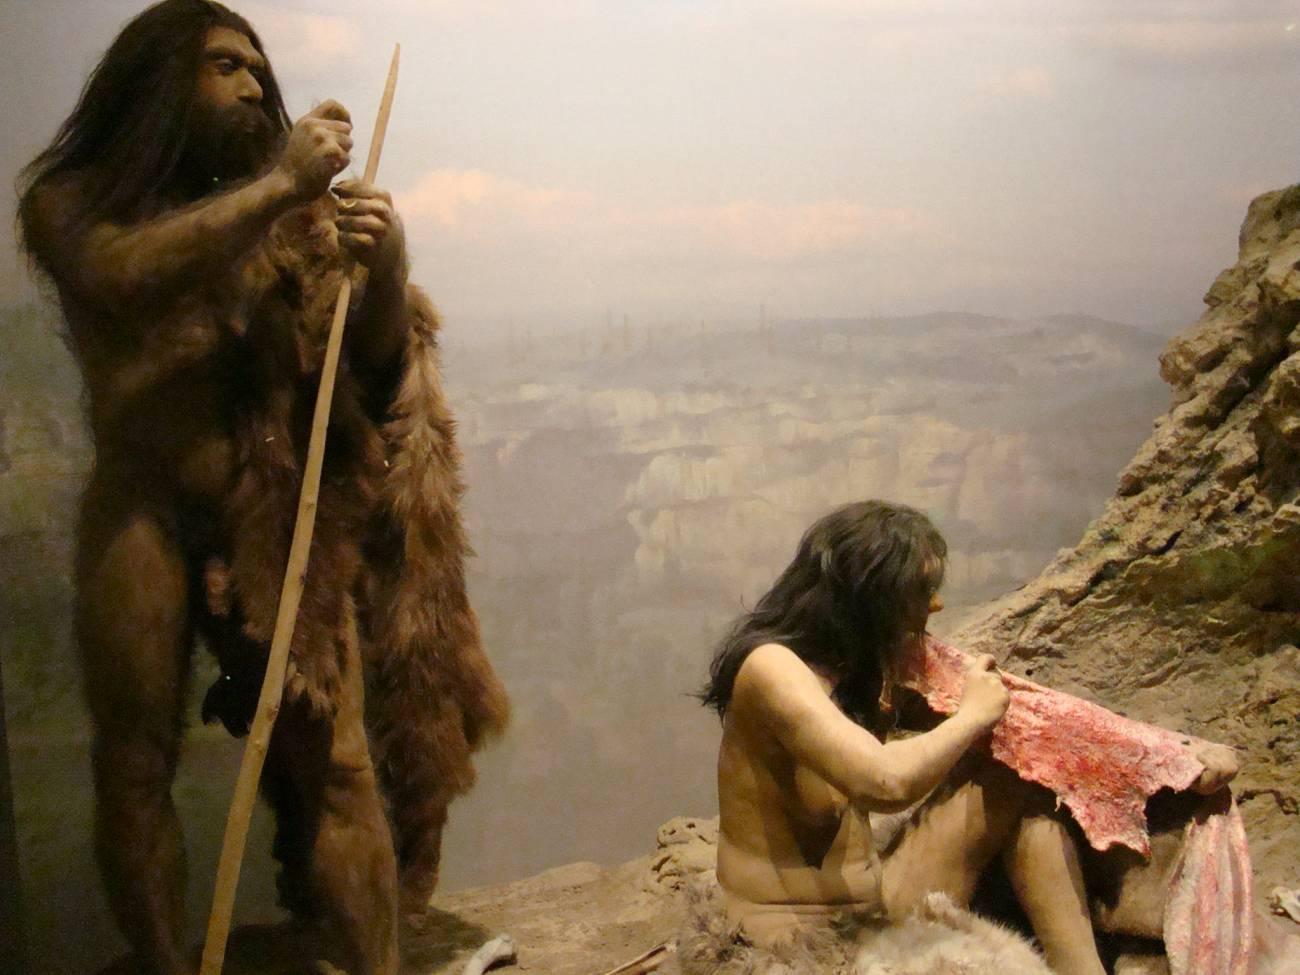 Según el estudio, los neandertales empezaron a disminuir mucho antes de la erupción del volcán y de los periodos de cambio climático severo. Imagen: IslesPunkFan.